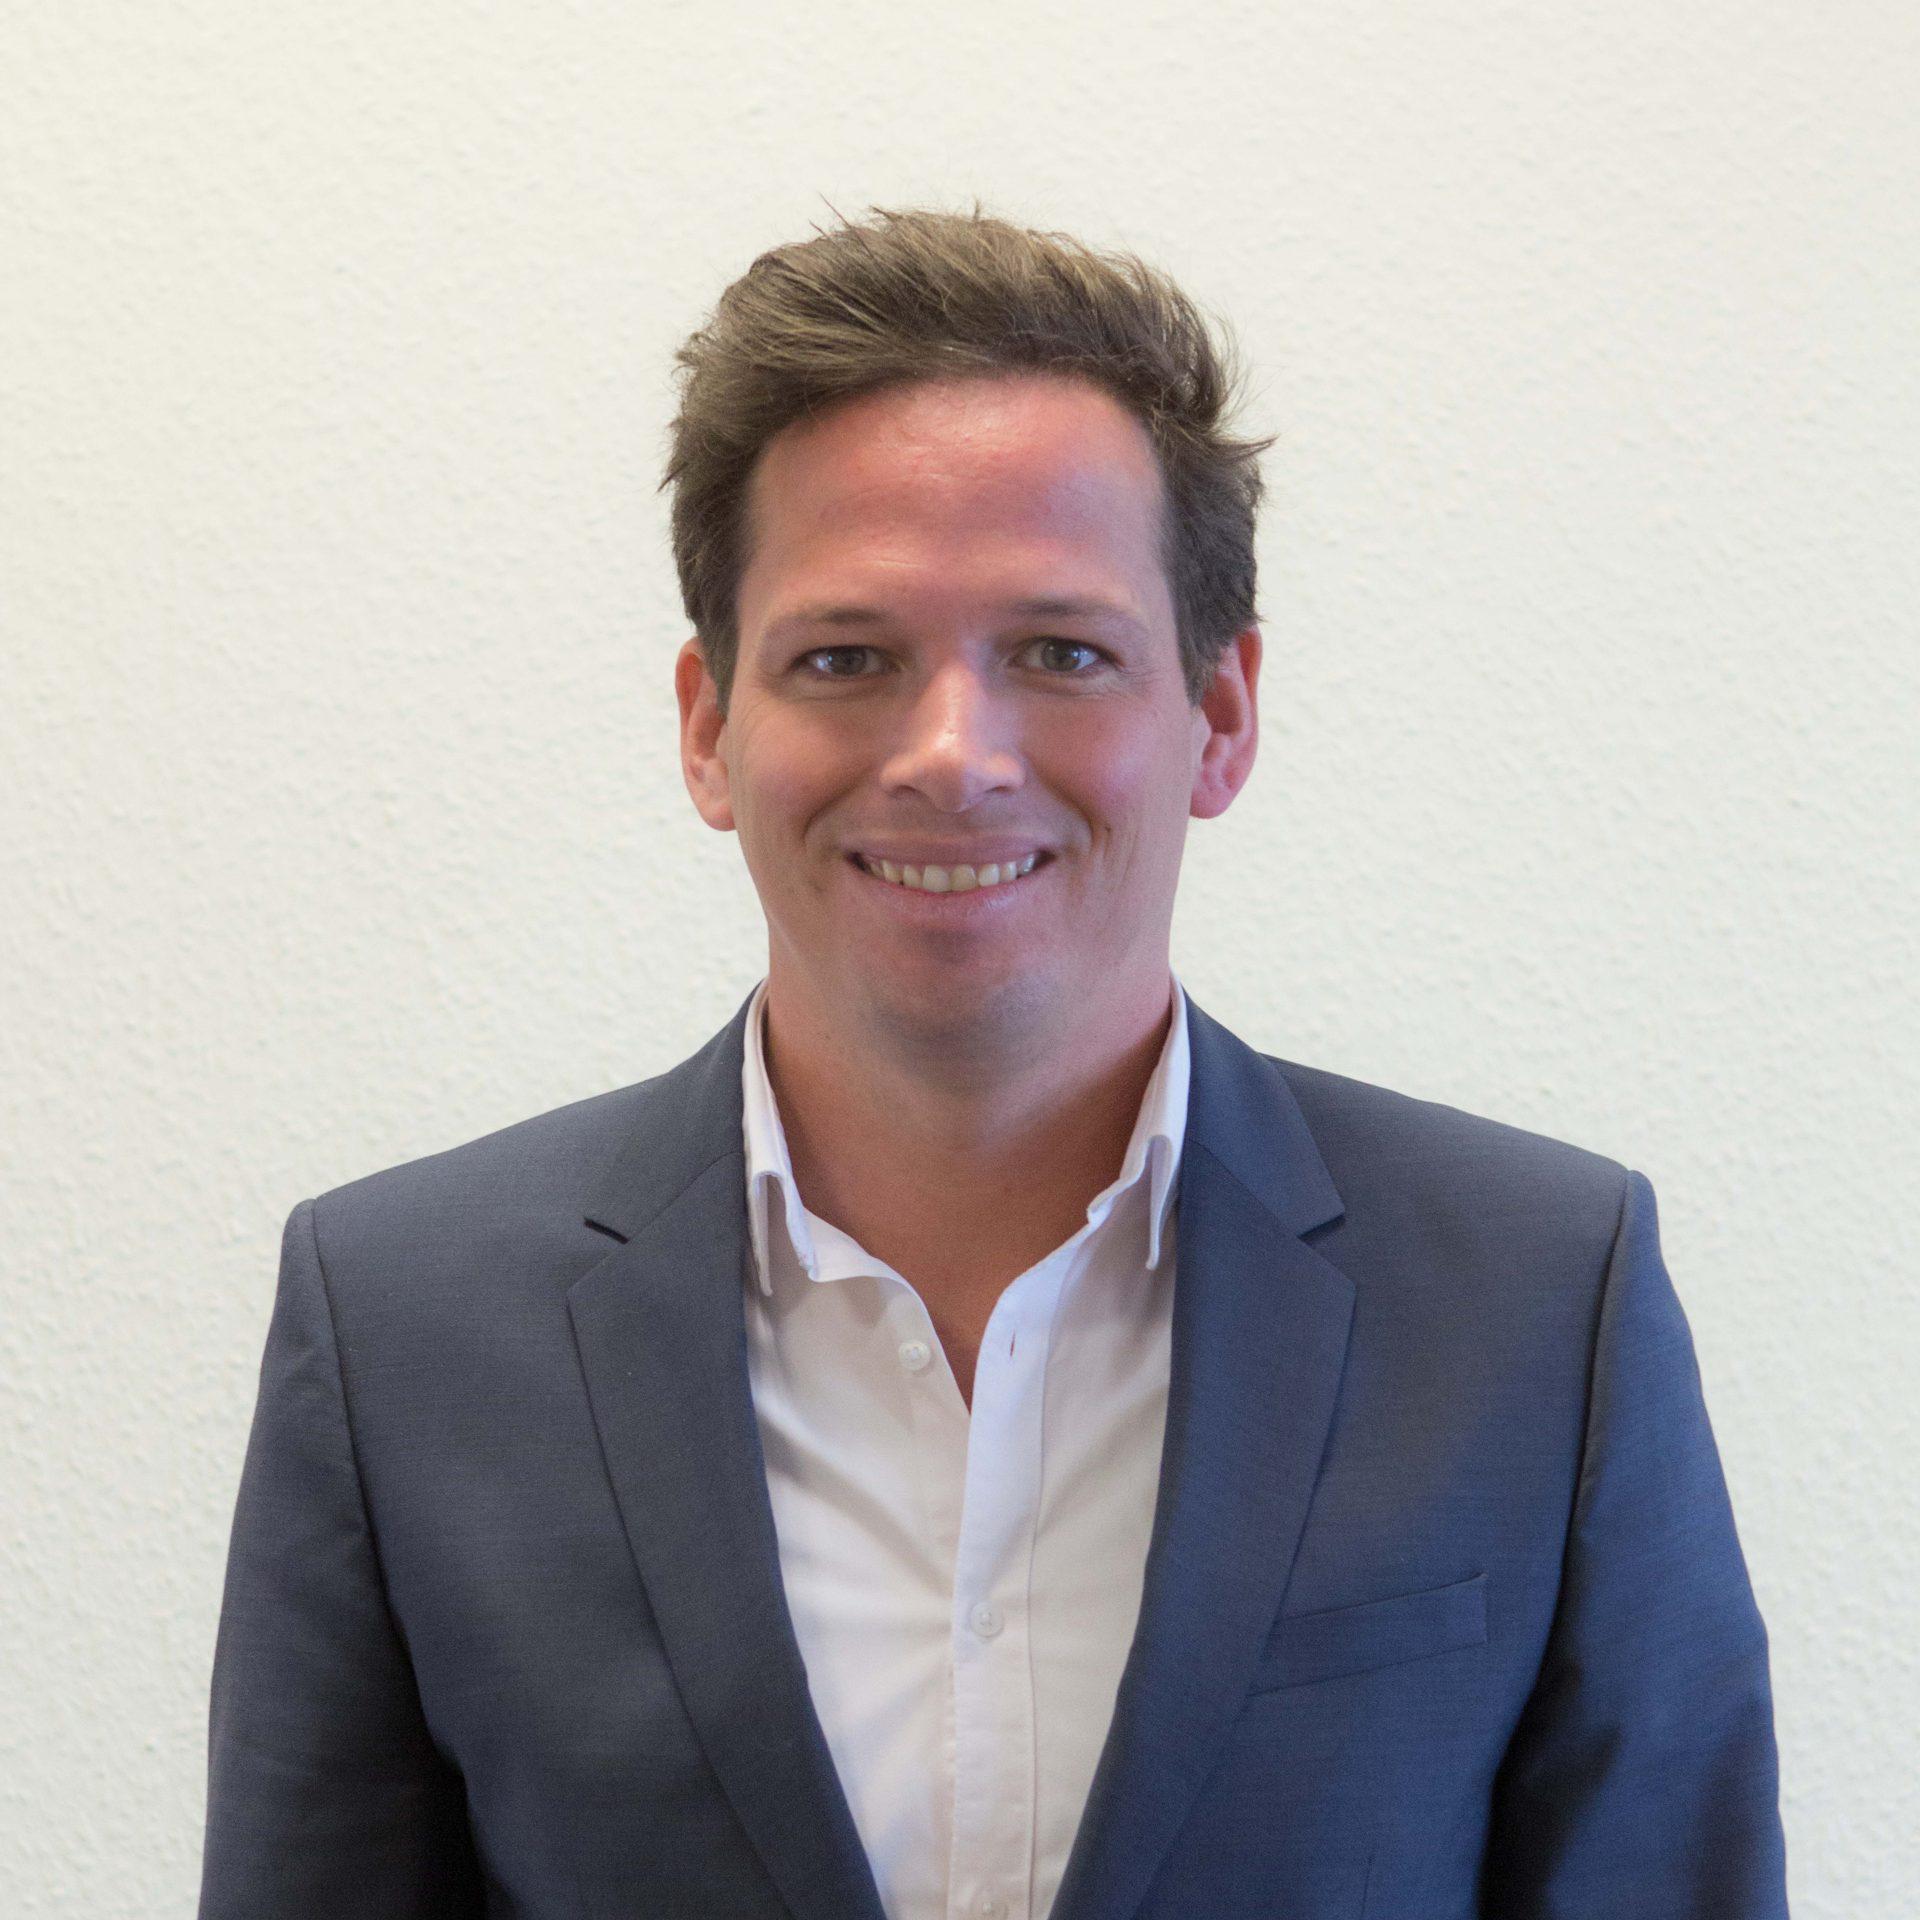 Danny Jeurissen